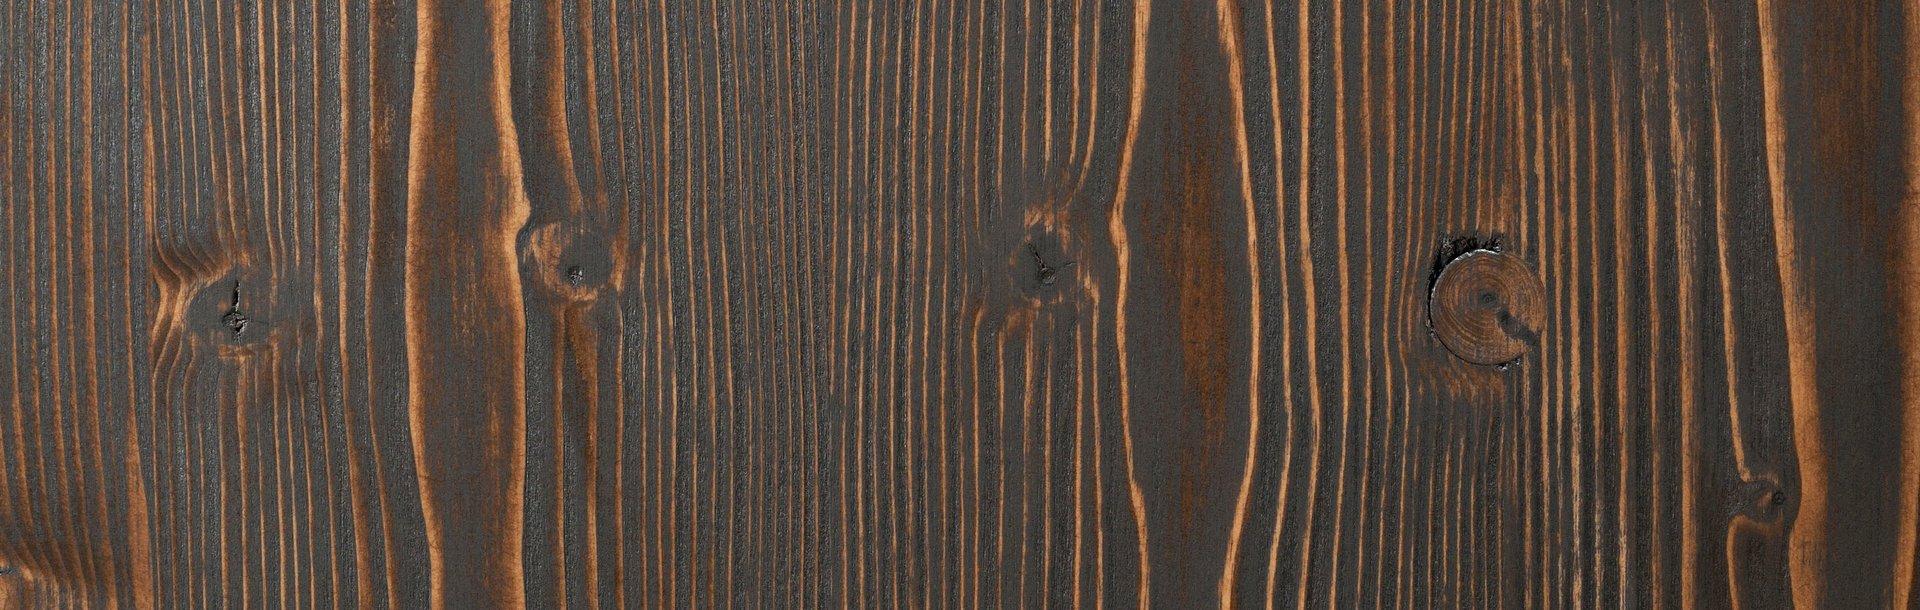 """Come Pulire Il Legno Vecchio effetto speciale per mobili """"legno antico bruciato"""""""